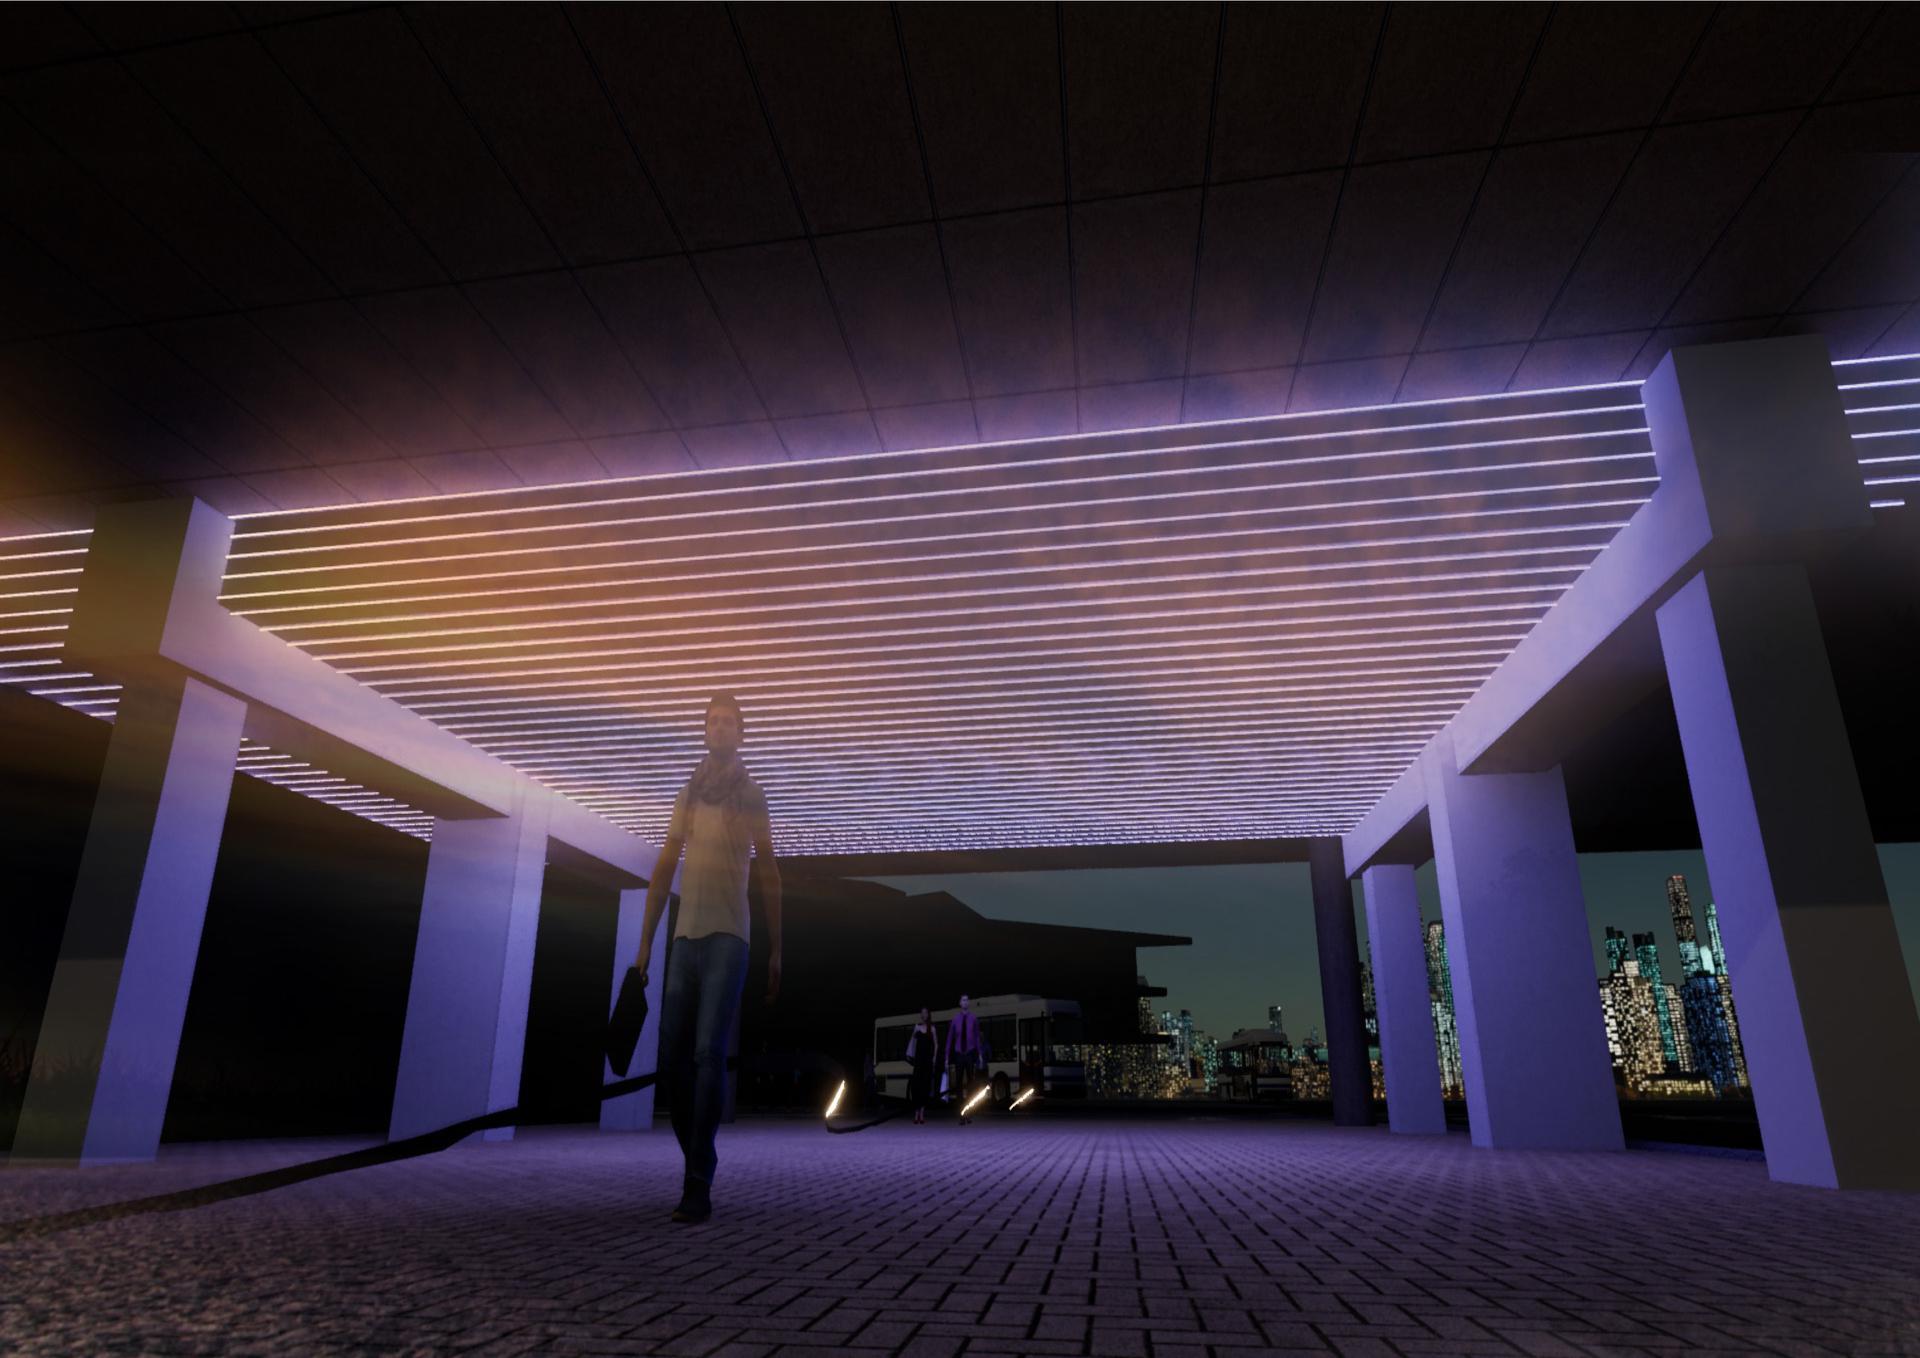 Lichtlucht, Arttenders x VeniVidiMultiplex (2021) 2